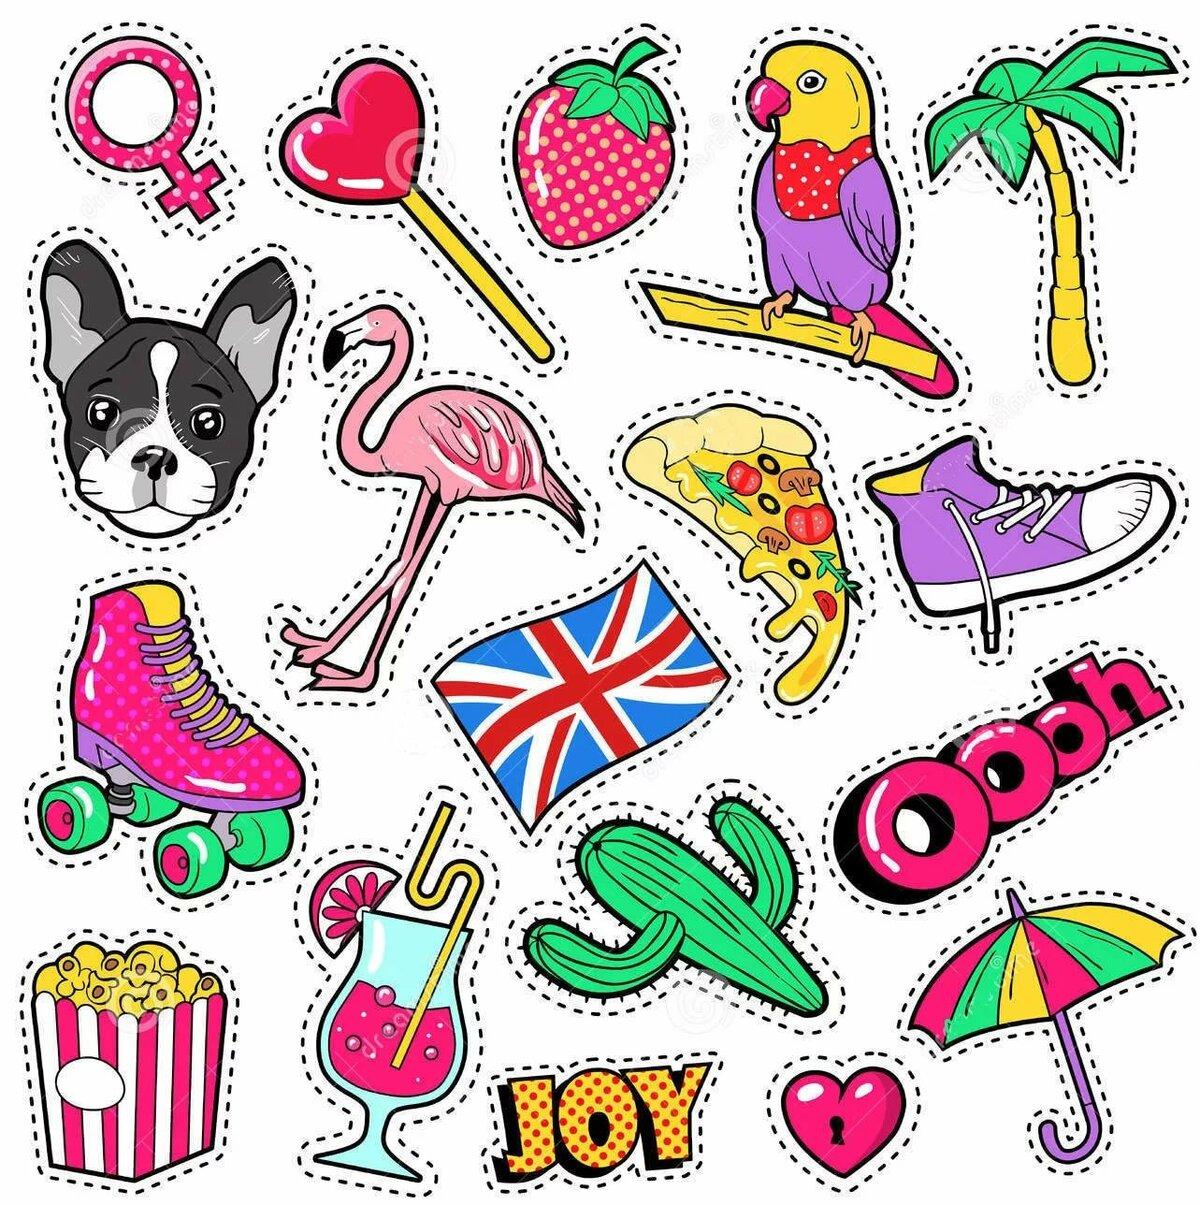 Прикольные картинки для наклеек срисовки для девочек, днем рождения